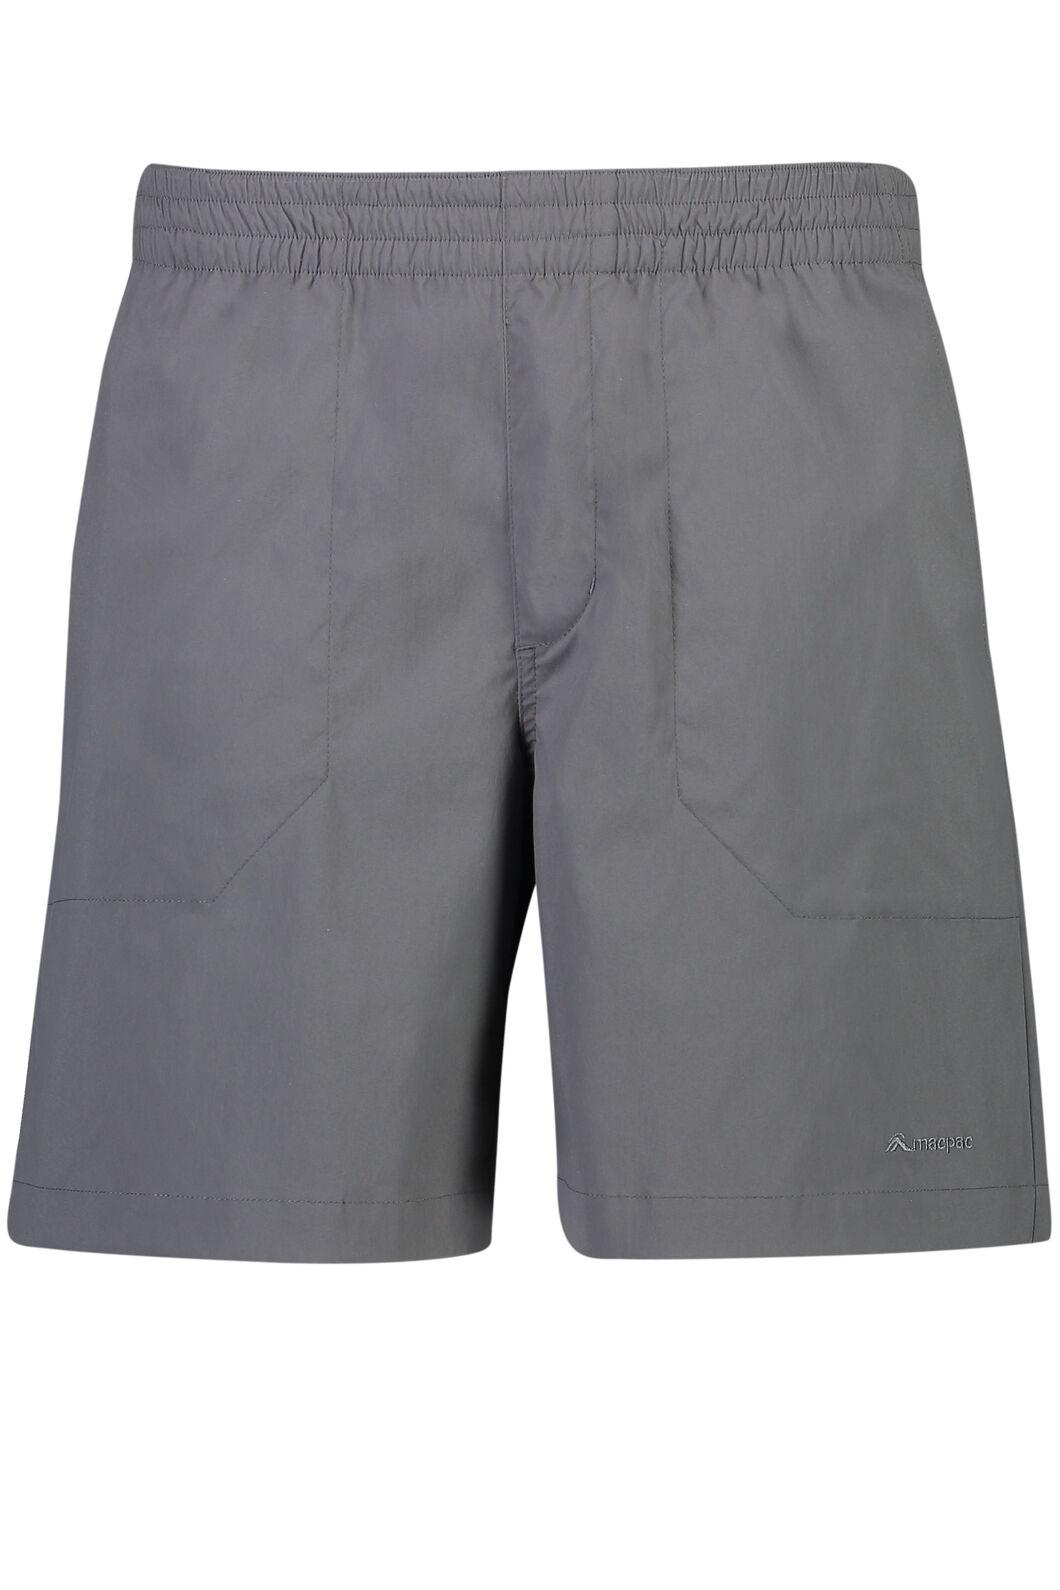 Macpac Rockover Shorts - Men's, Asphalt, hi-res